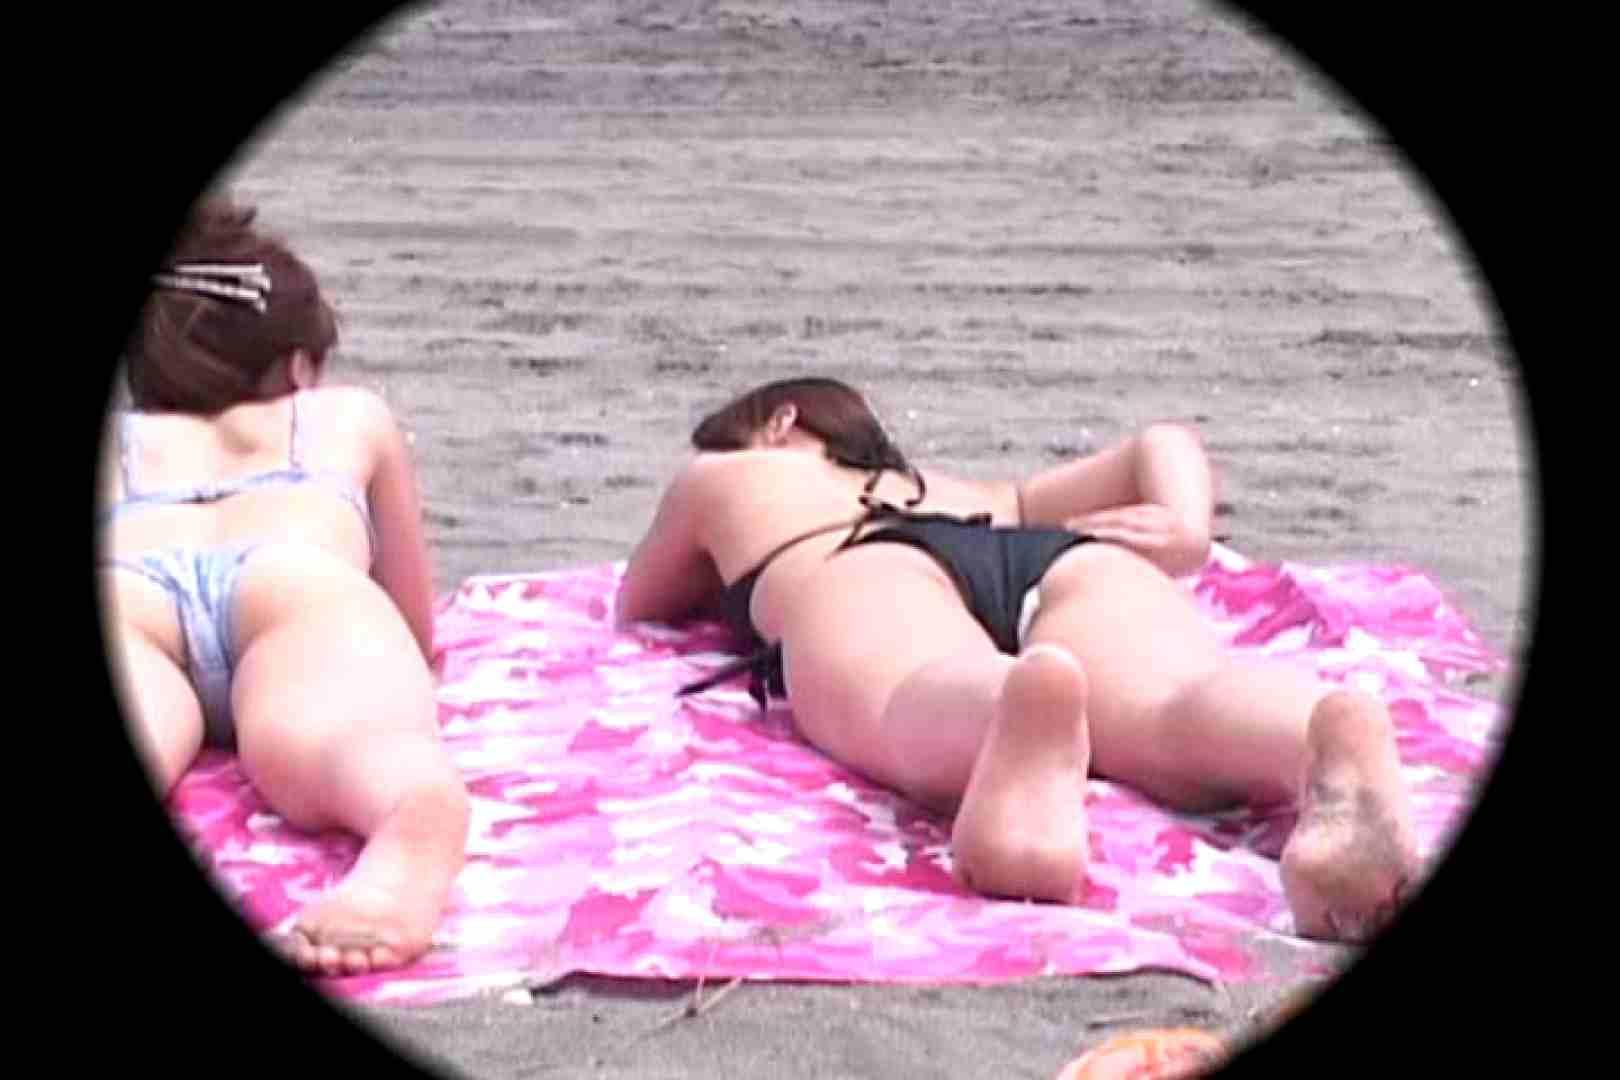 ビーチで発見!!はしゃぎ過ぎポロリギャルVol.4 OLセックス 盗撮セックス無修正動画無料 102画像 66